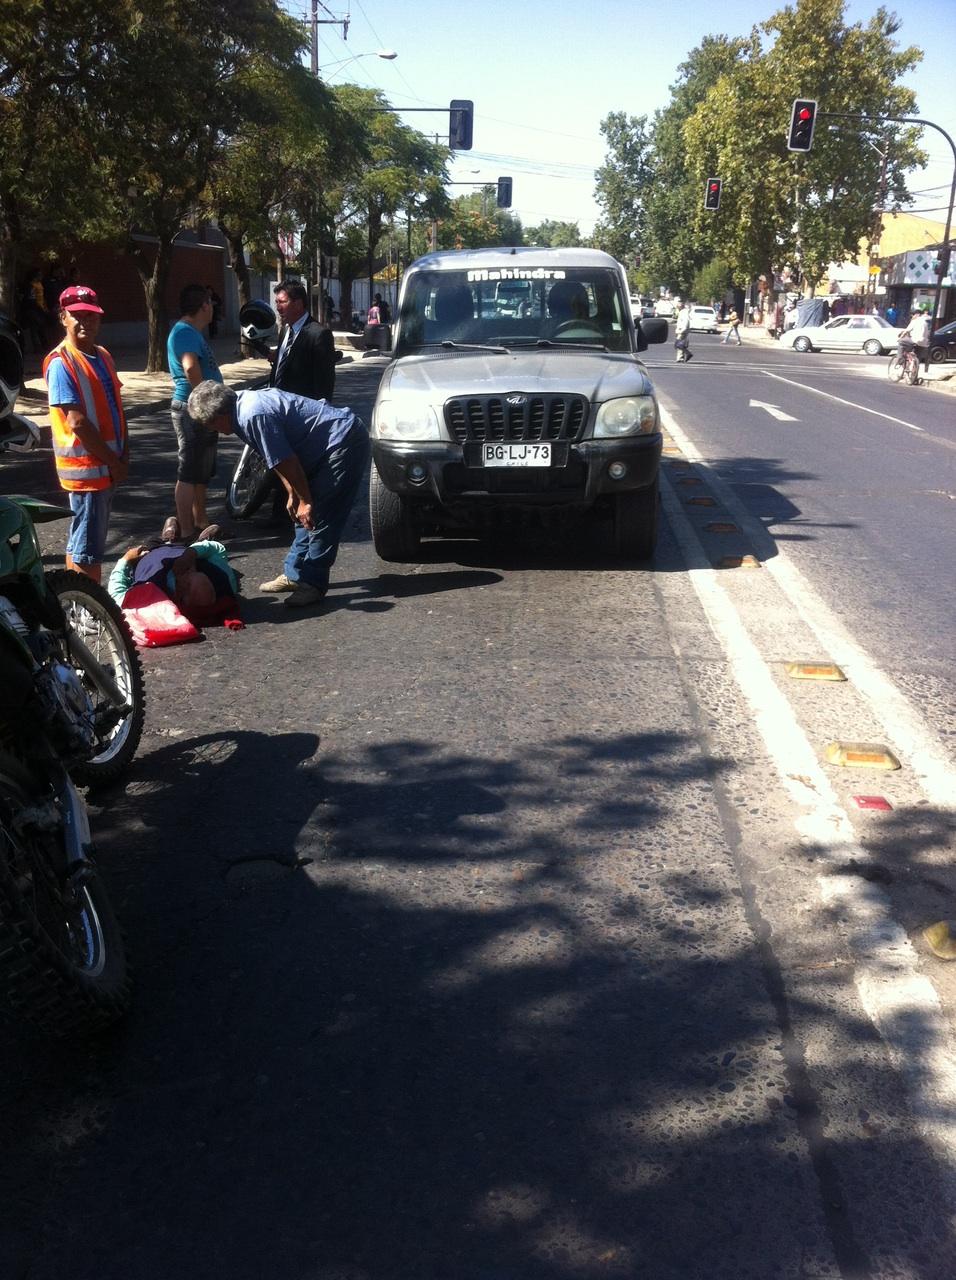 Ciclista Sufre Accidente al Colisionado por Vehículo en Talca